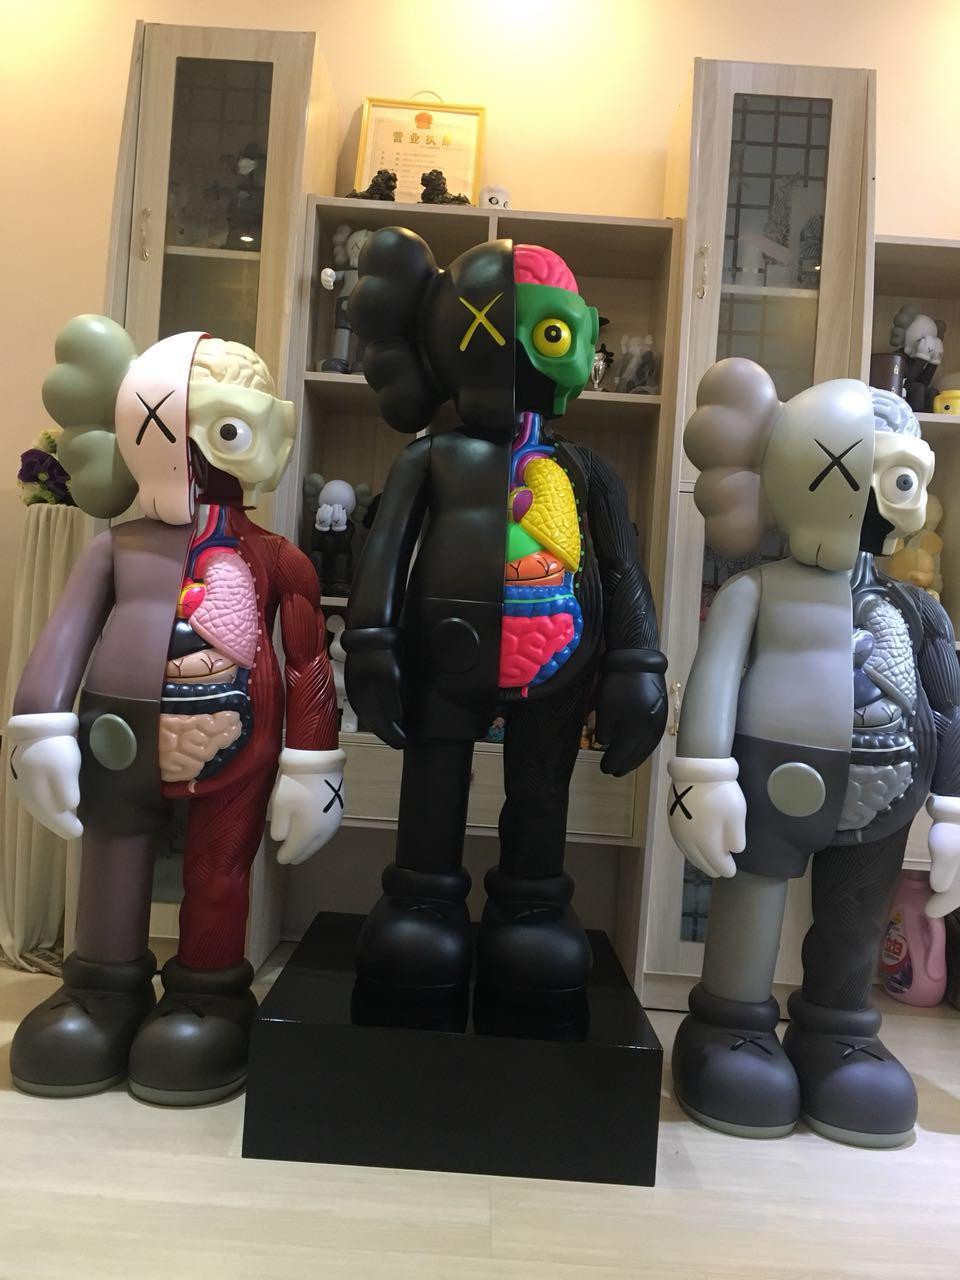 [Nouveau] Original faux KAWS 130 cm 4ft kaws disséqué 1:1 collection figurines jouet Original faux modèle maison décoration cadeau